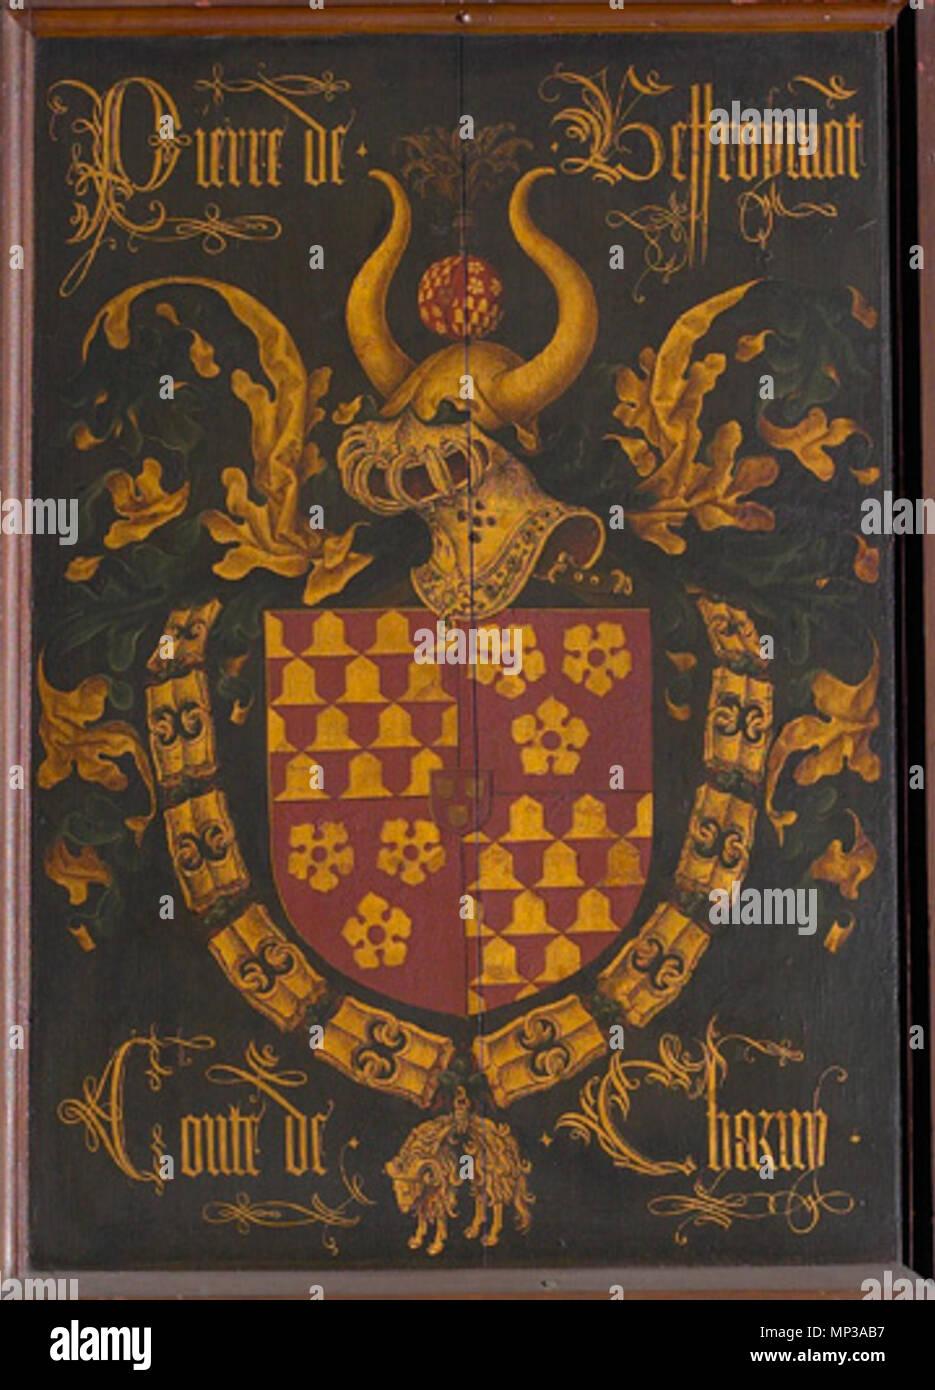 Chevalier De La Toison D'or : chevalier, toison, Français, Blason, Pierre, Bauffremont,, Qualité, Chevalier, Toison, D'or.